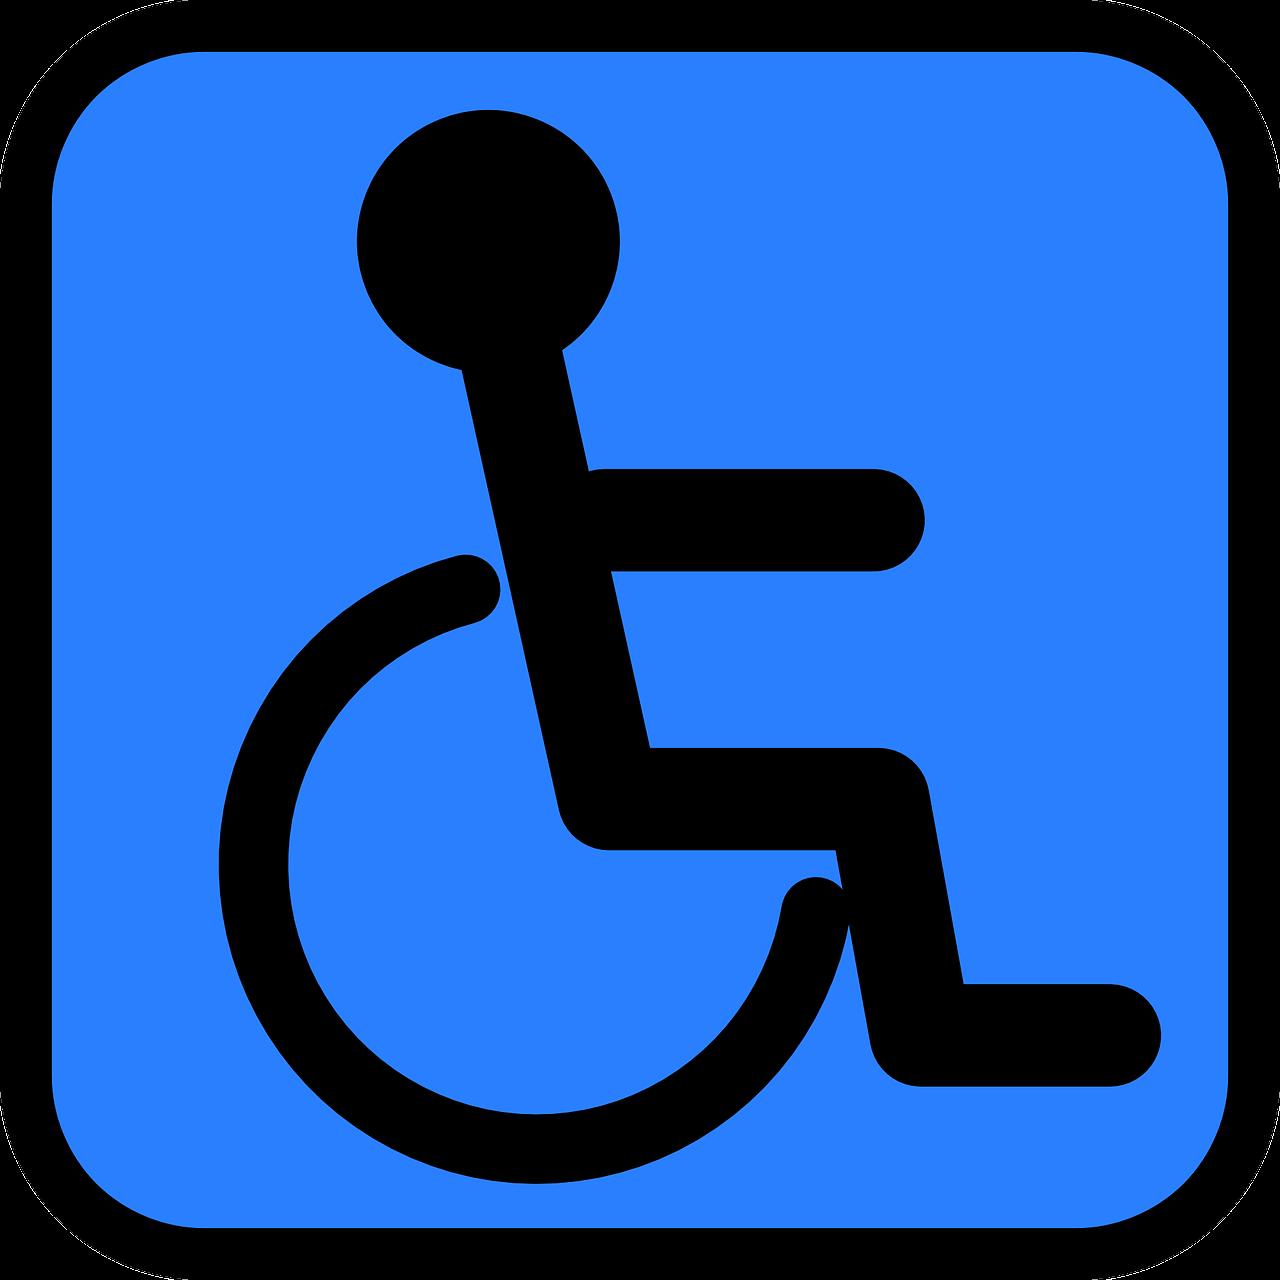 Robin van der Waal van Dijk zorg beoordelingen instelling gehandicaptenzorg verstandelijk gehandicapten